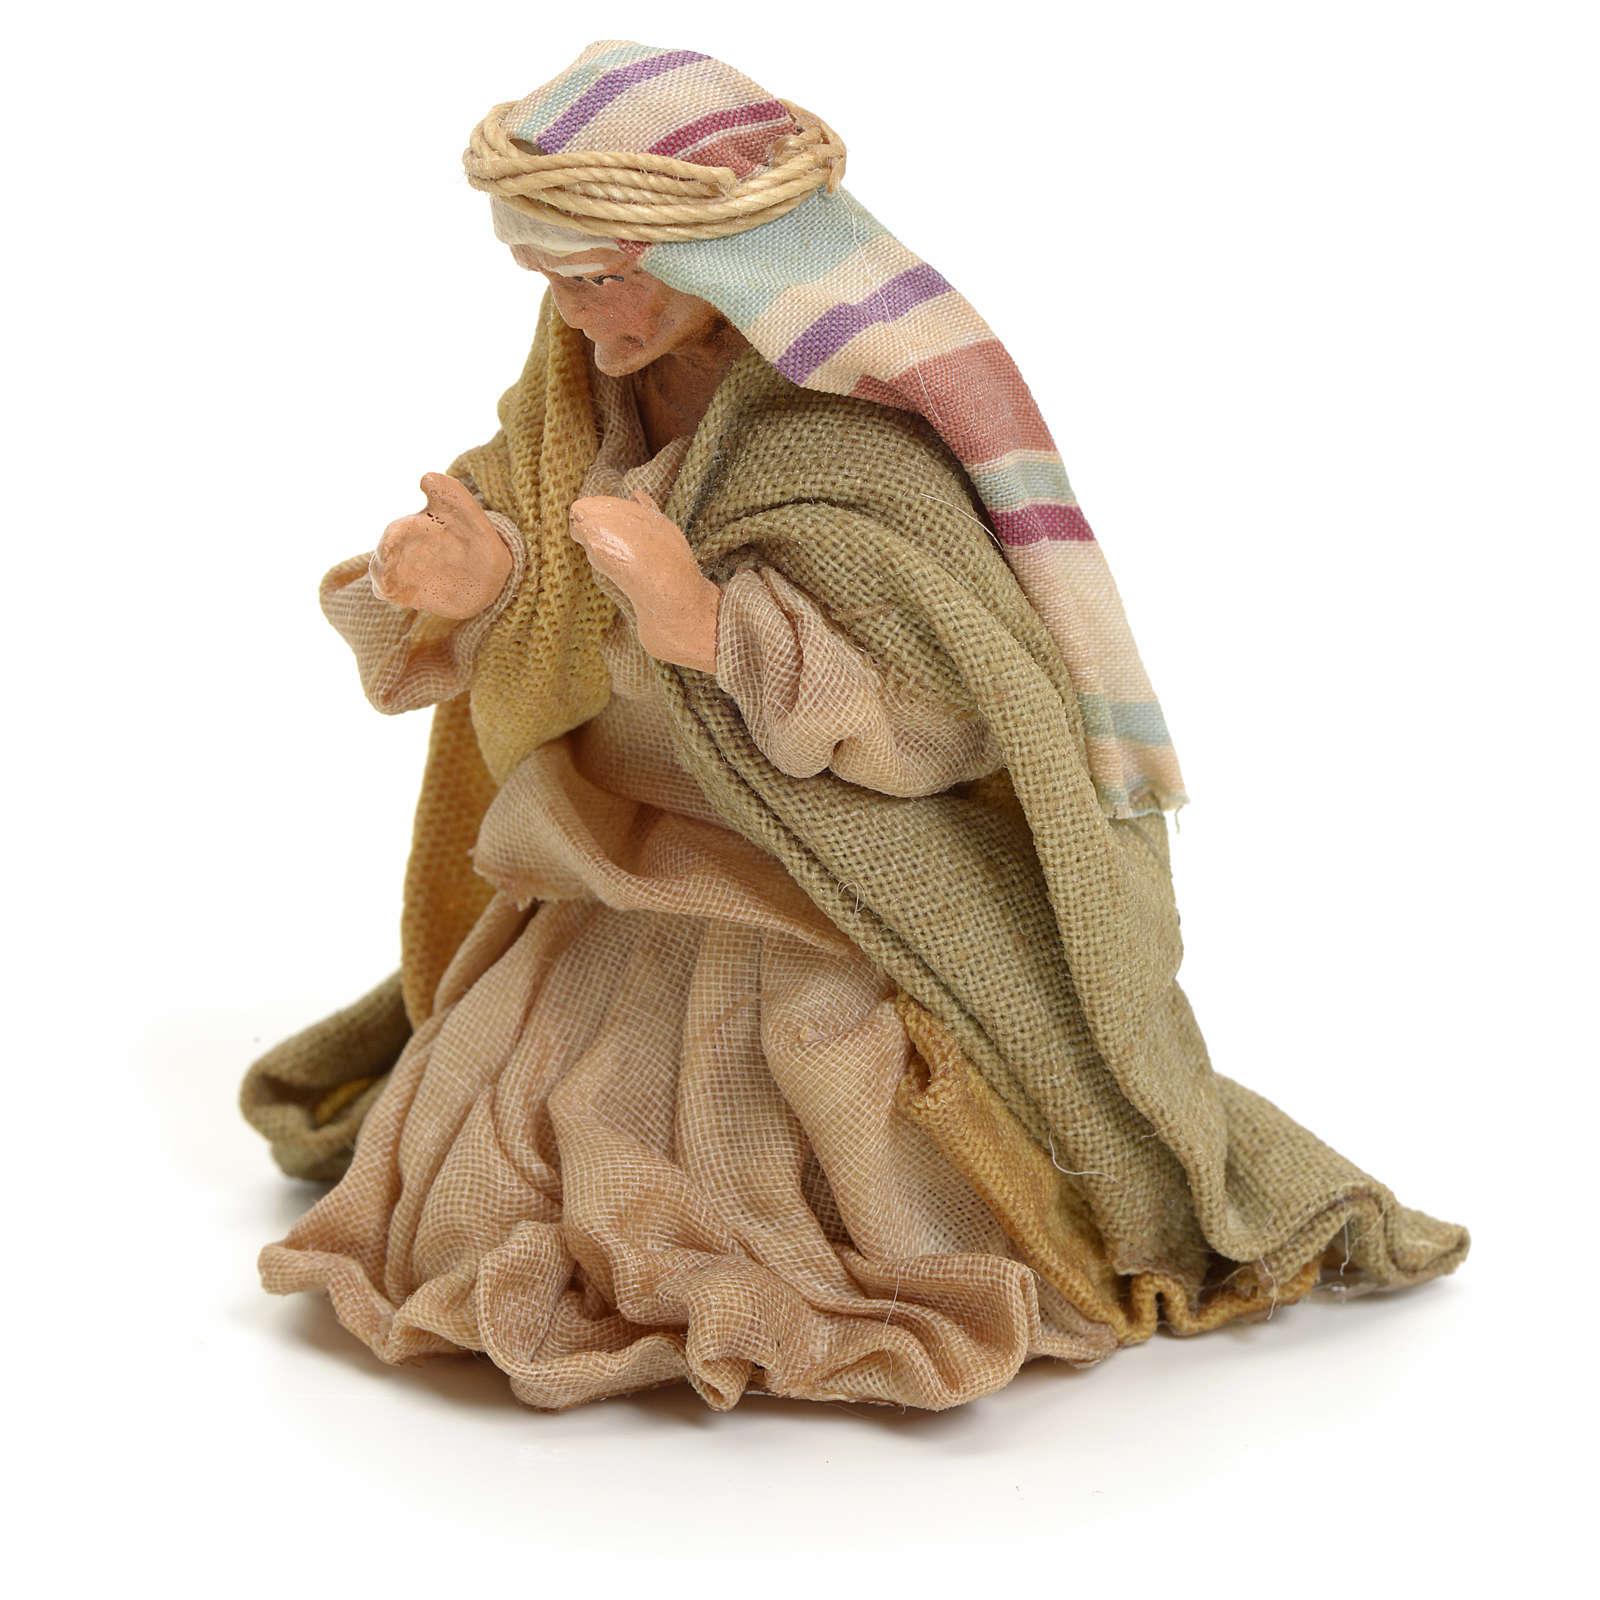 Mujer rezando cm 8 pesebre napolitano 4